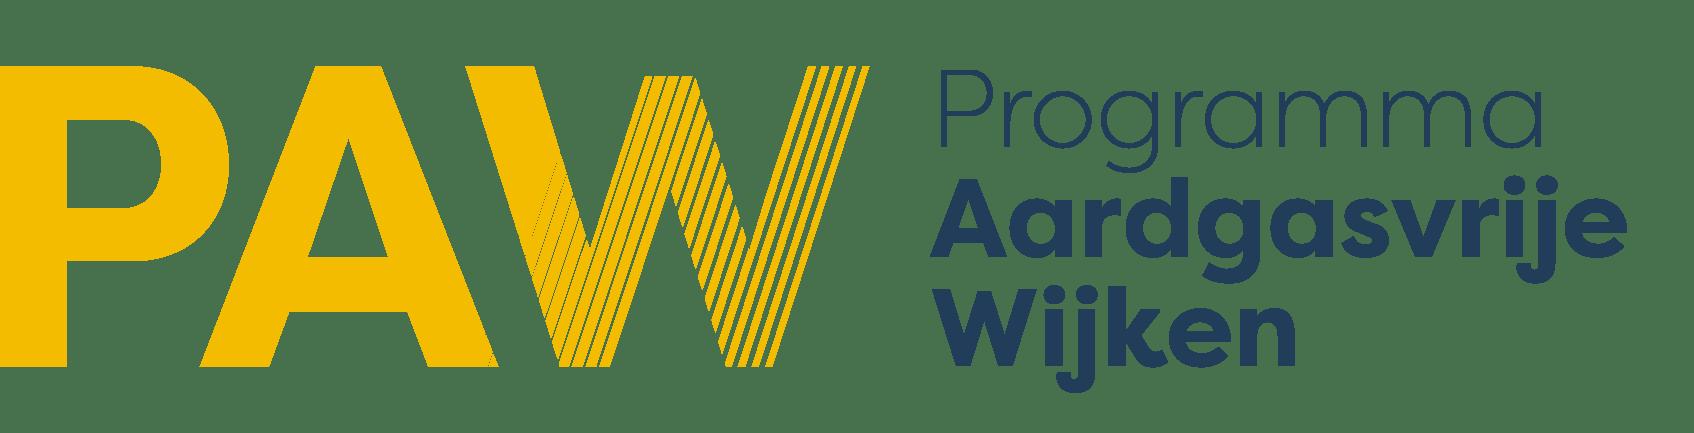 PAW Programma Aardgasvrije Wijken